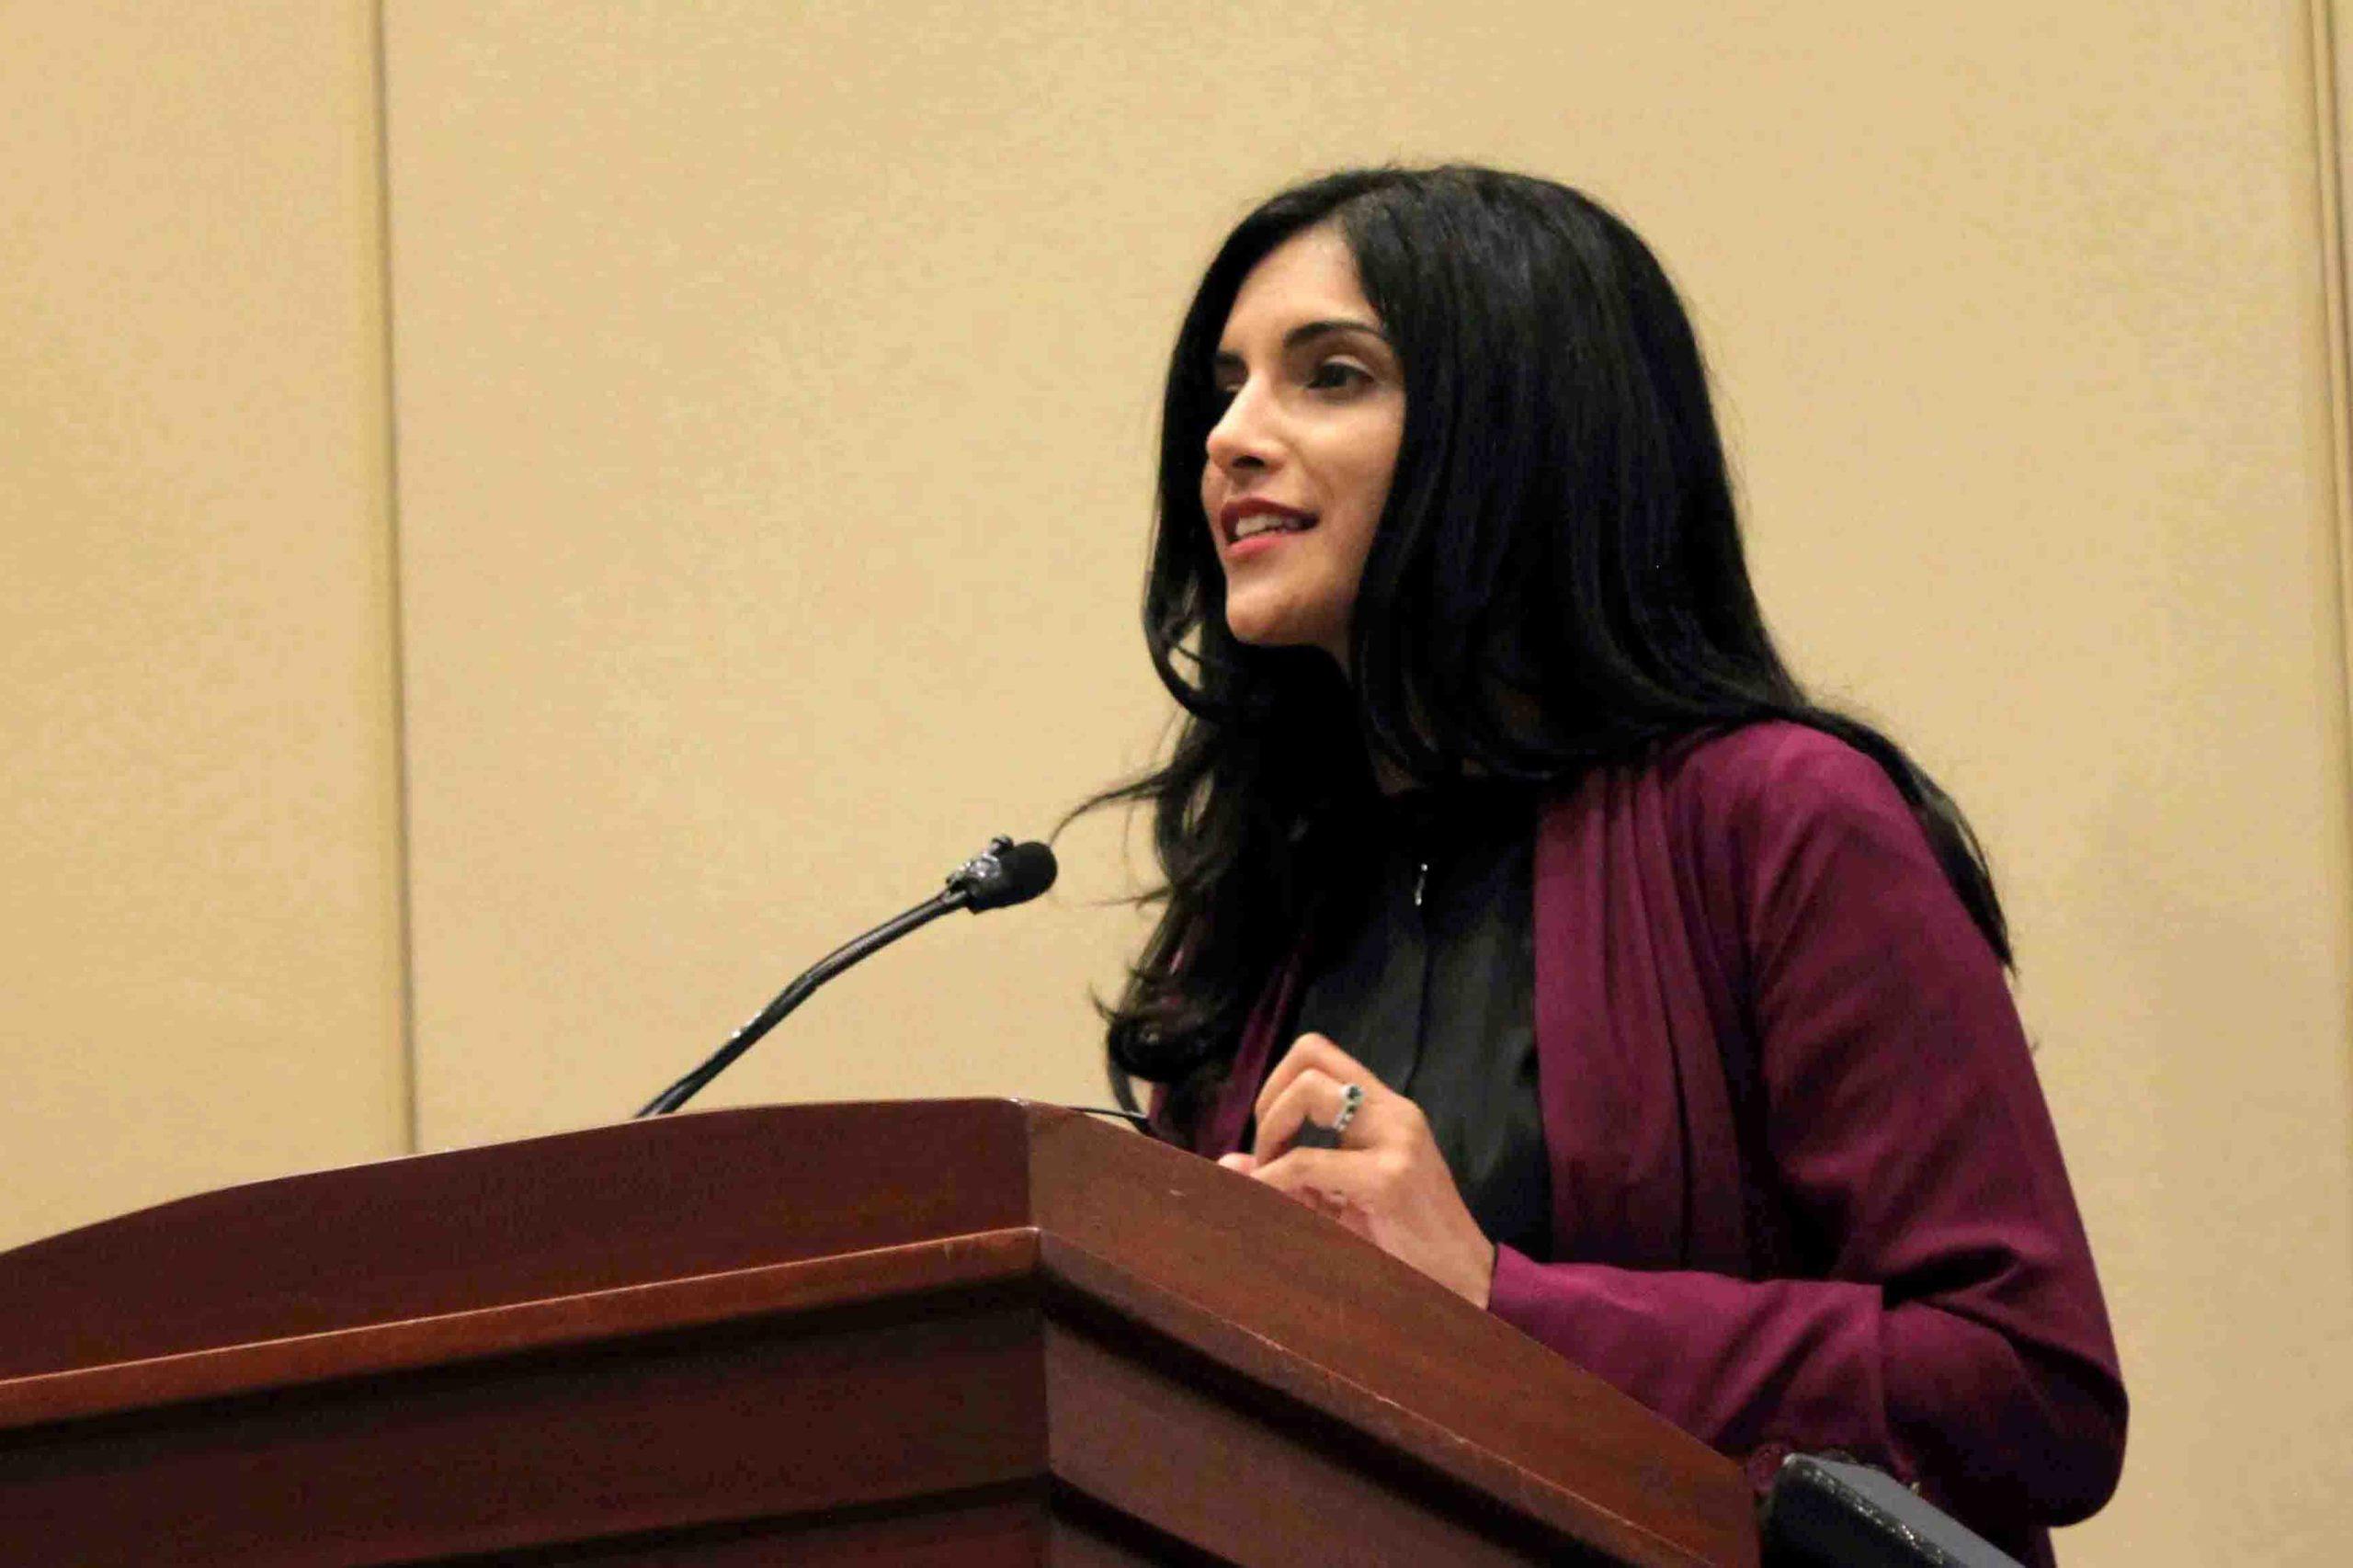 Samar Kaukab at a podium debating engagement vs. boycott at the 2015 ISNA Convention